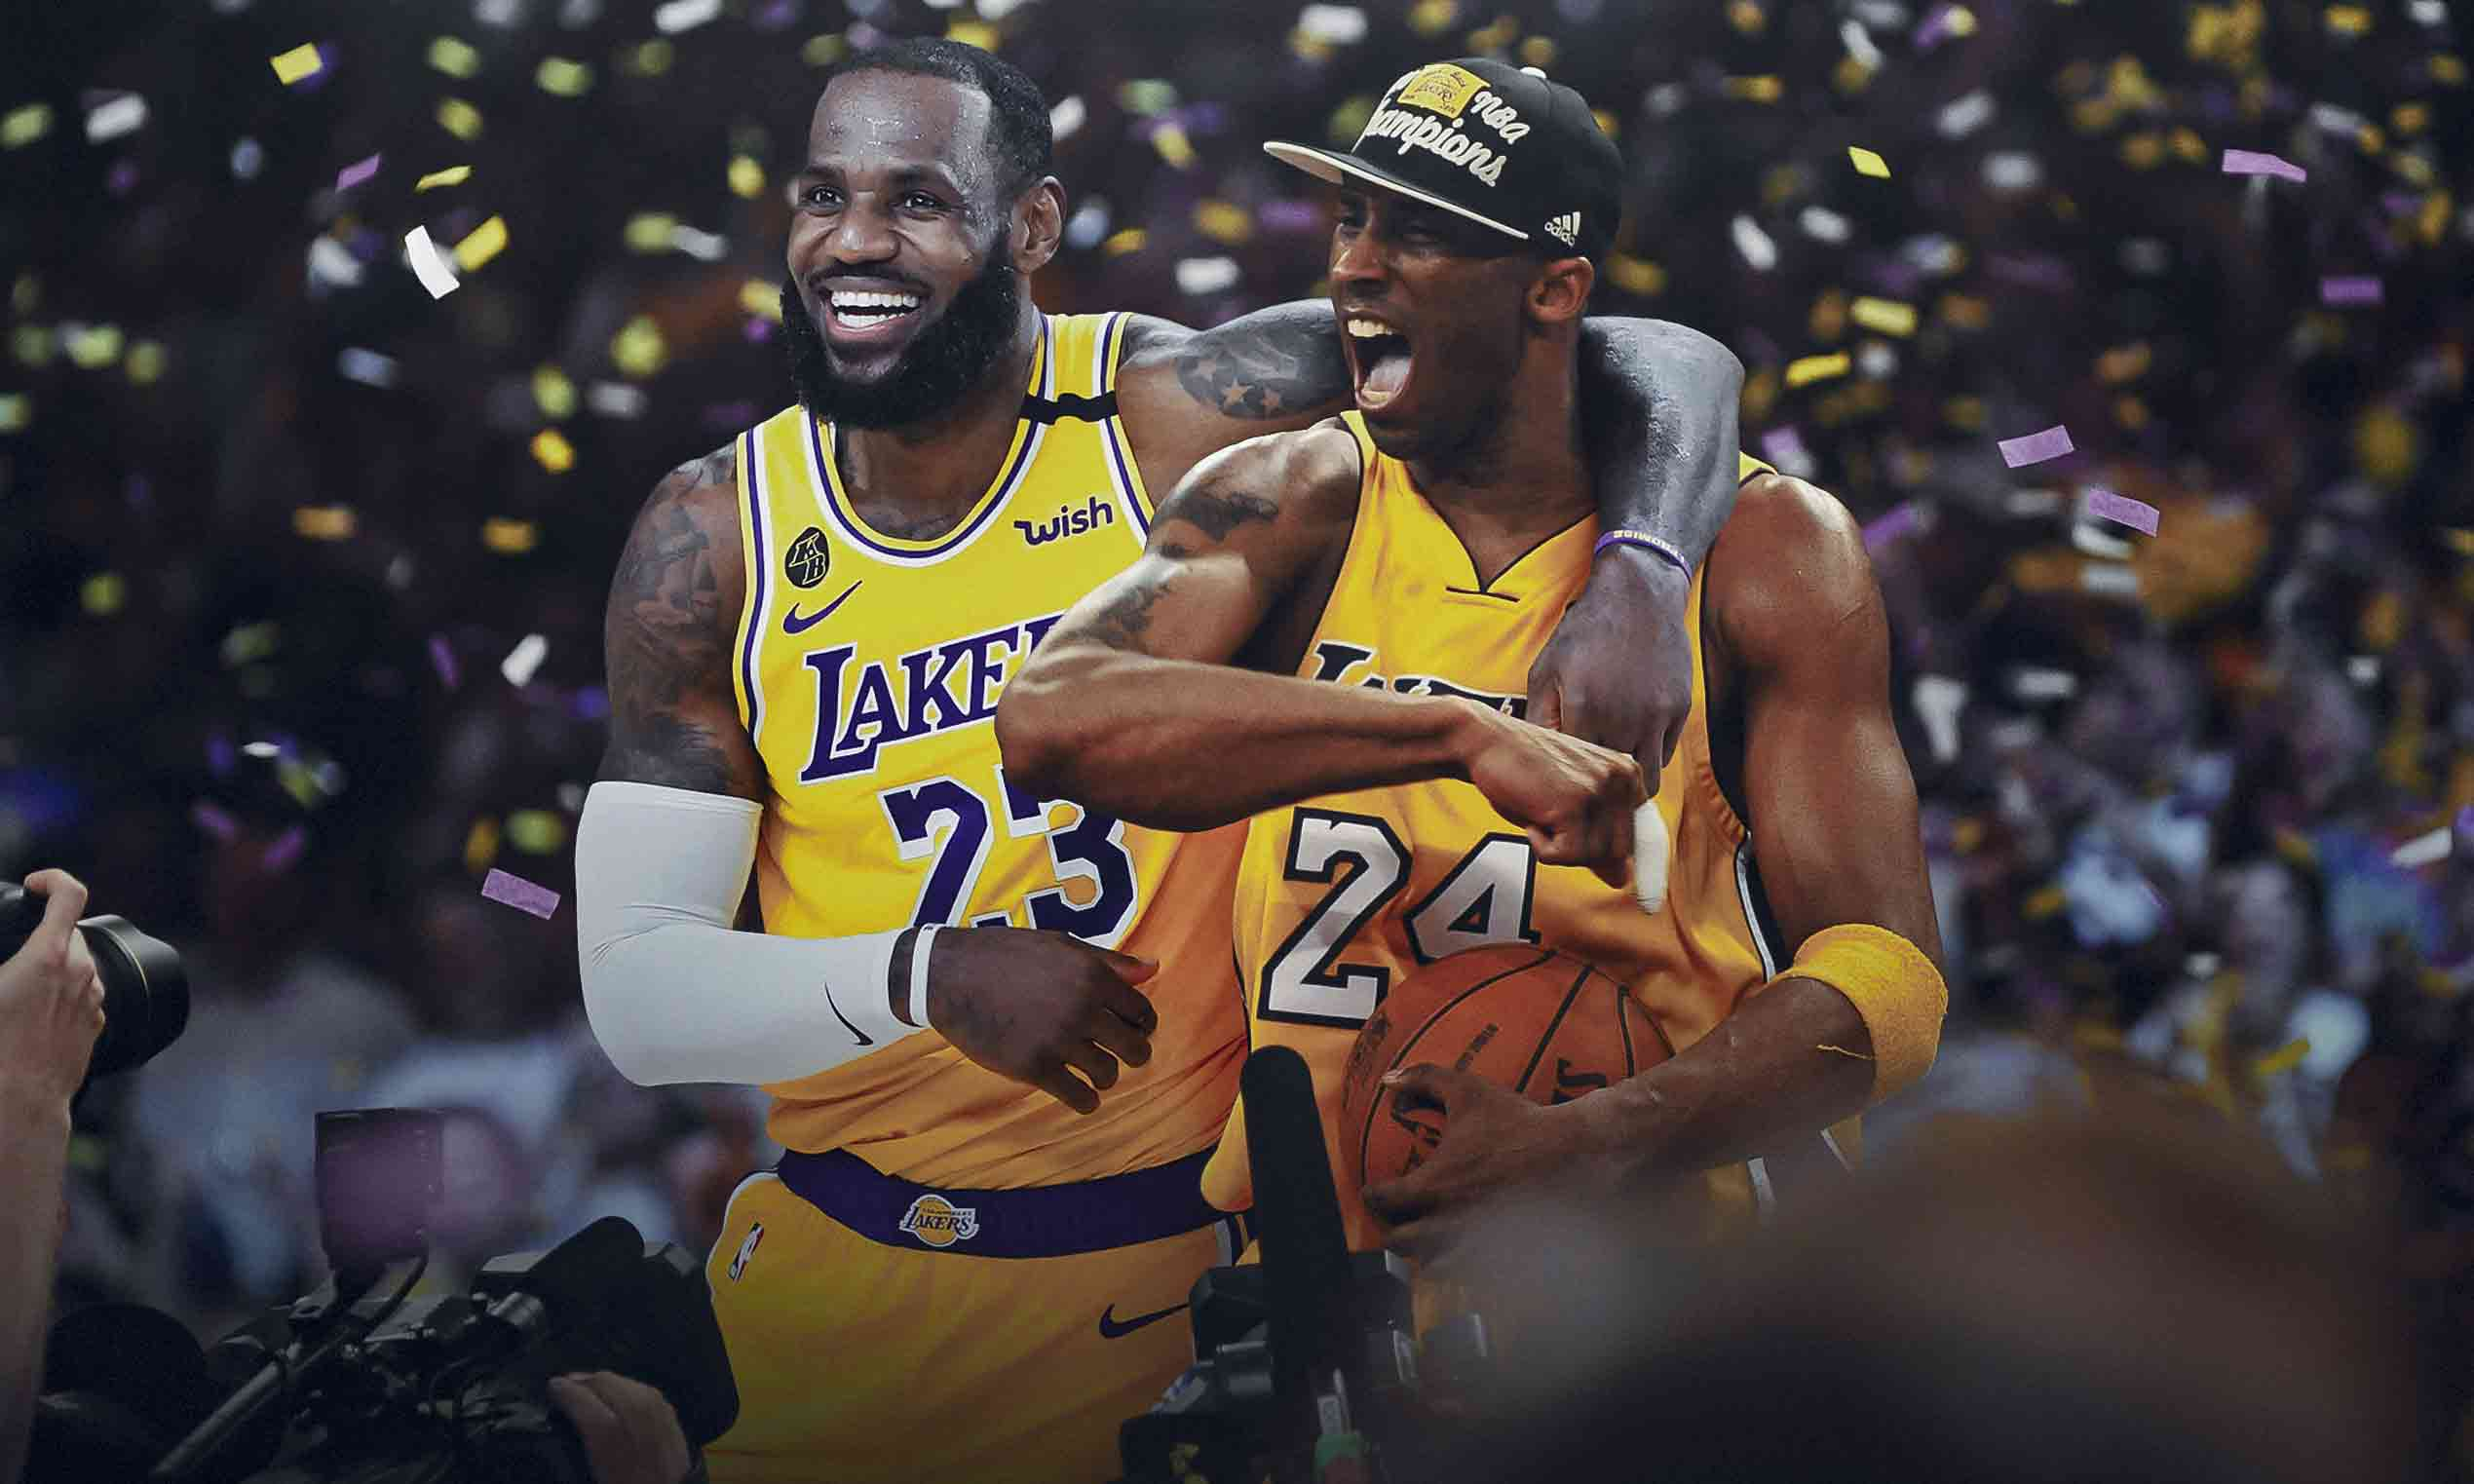 洛杉矶湖人夺得 2019-2020 NBA 总冠军